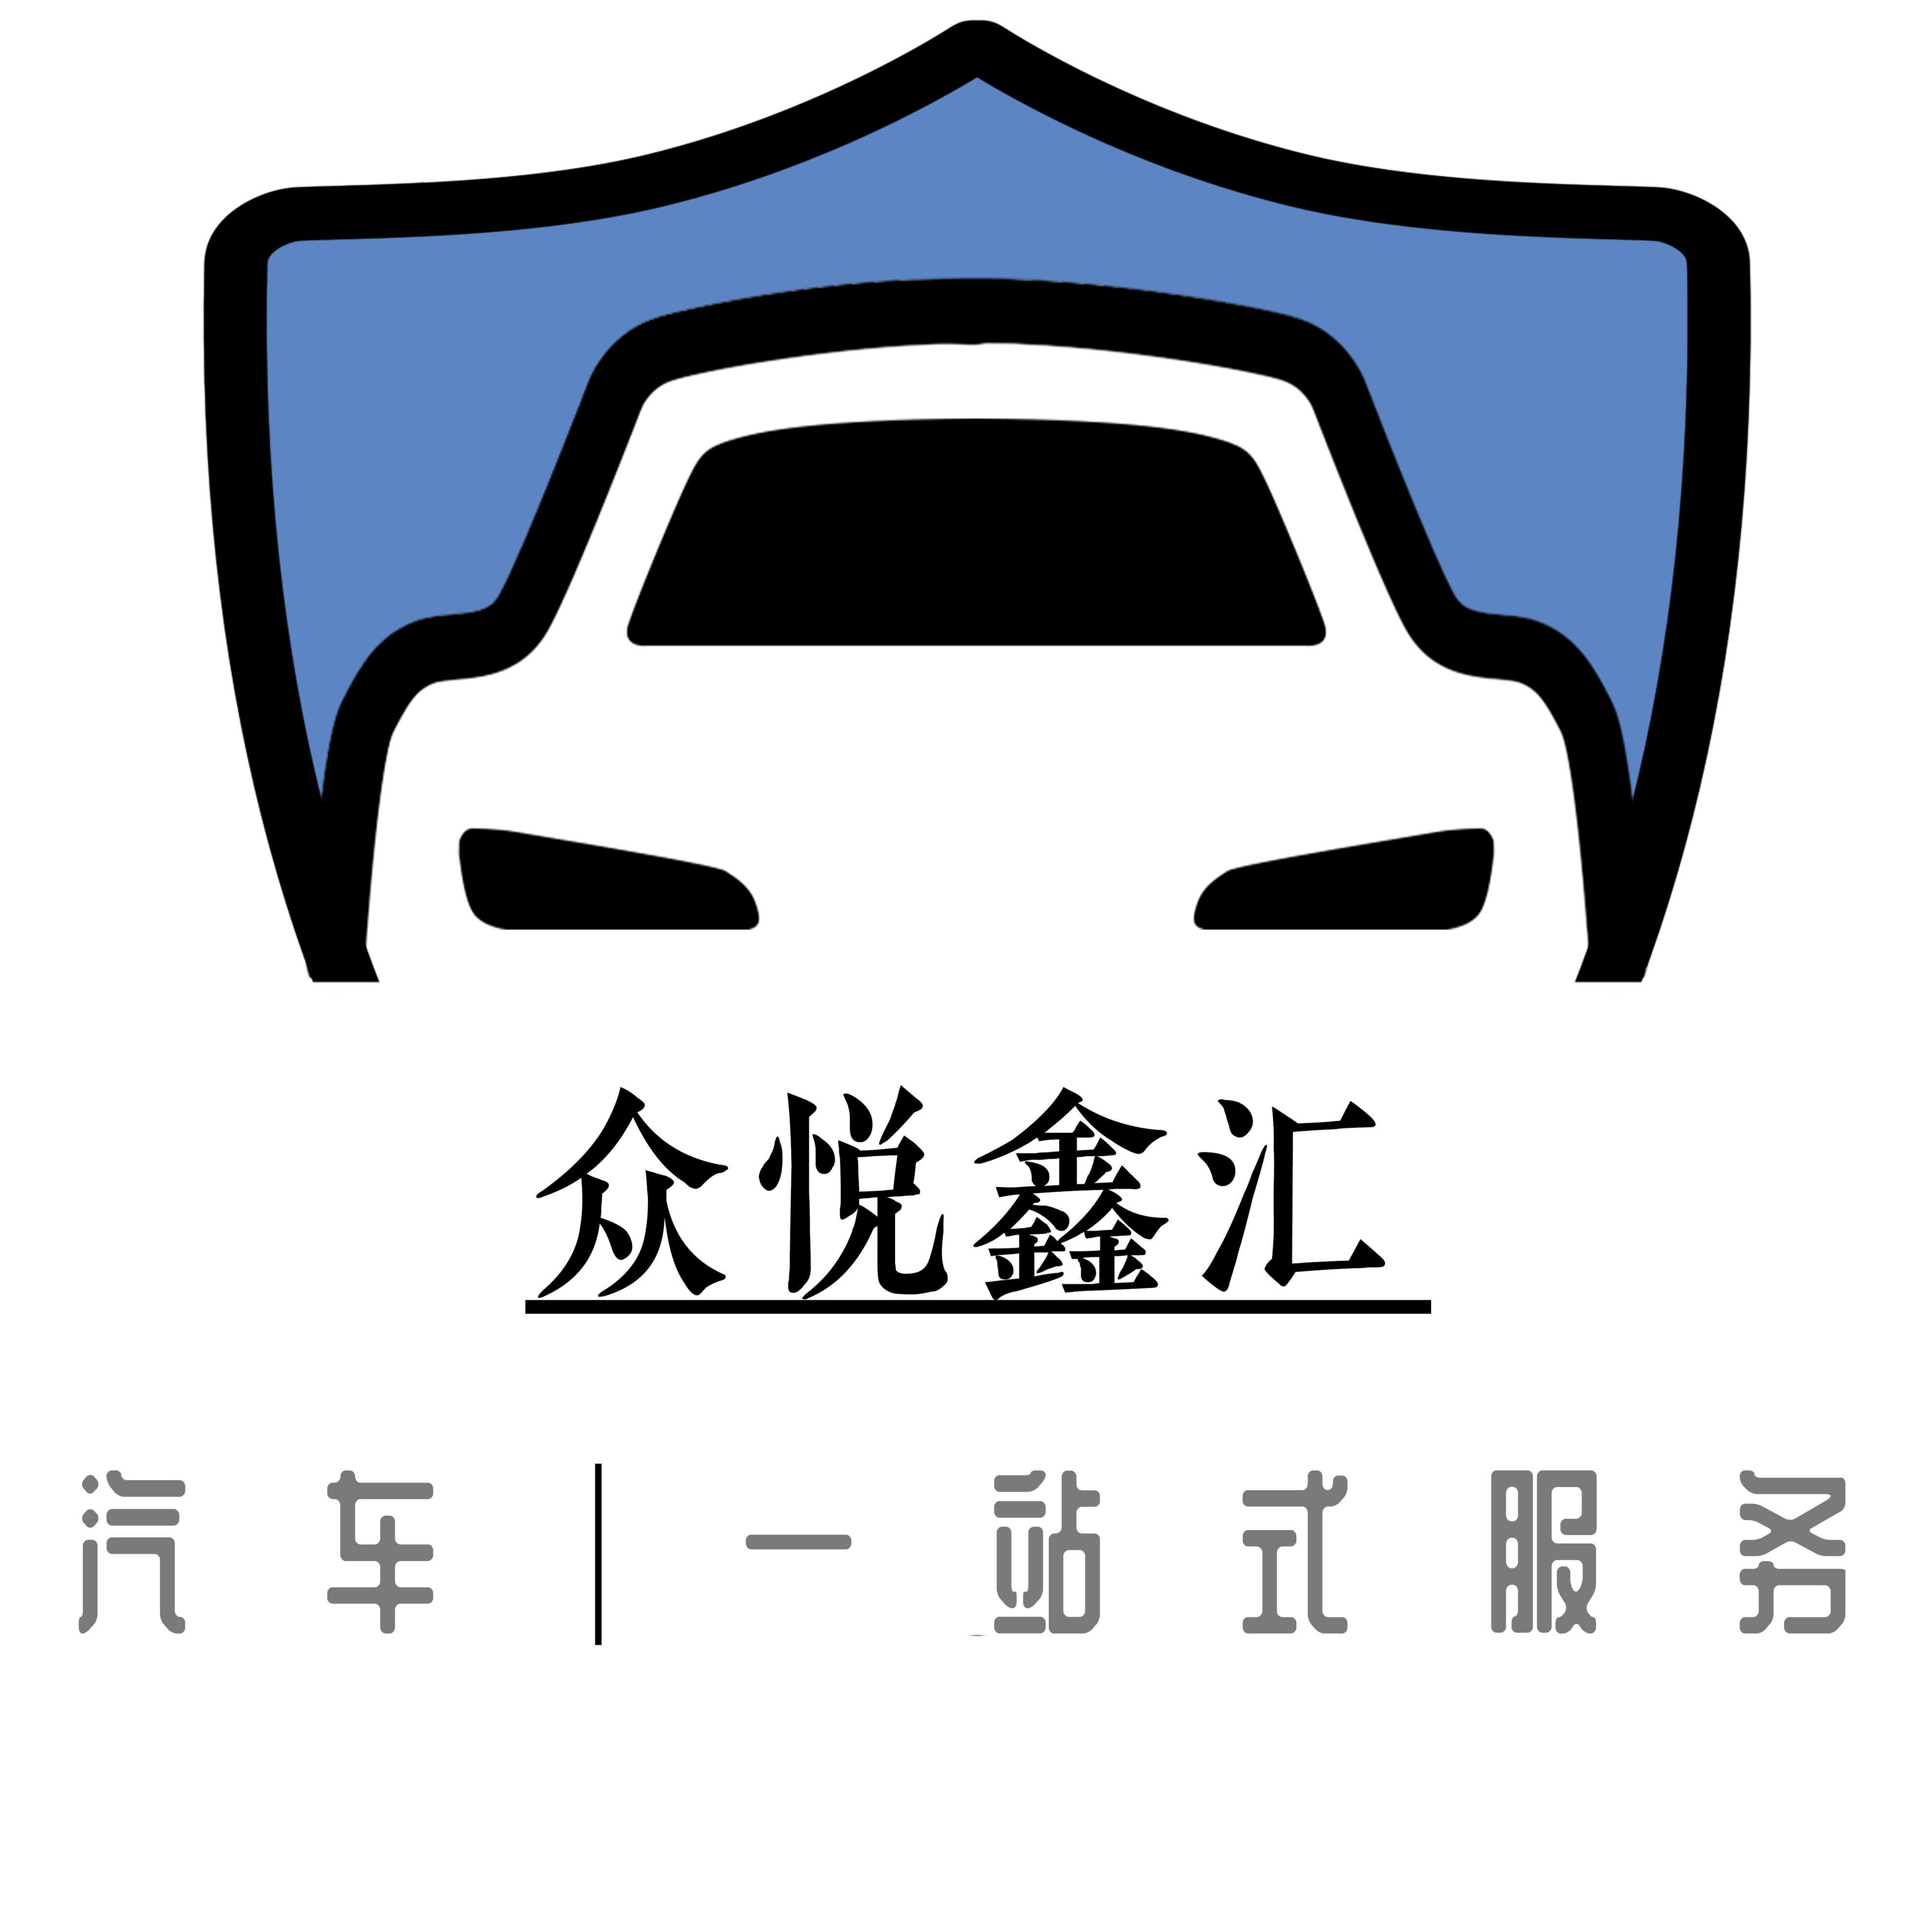 四川众悦鑫汇汽车服务有限公司